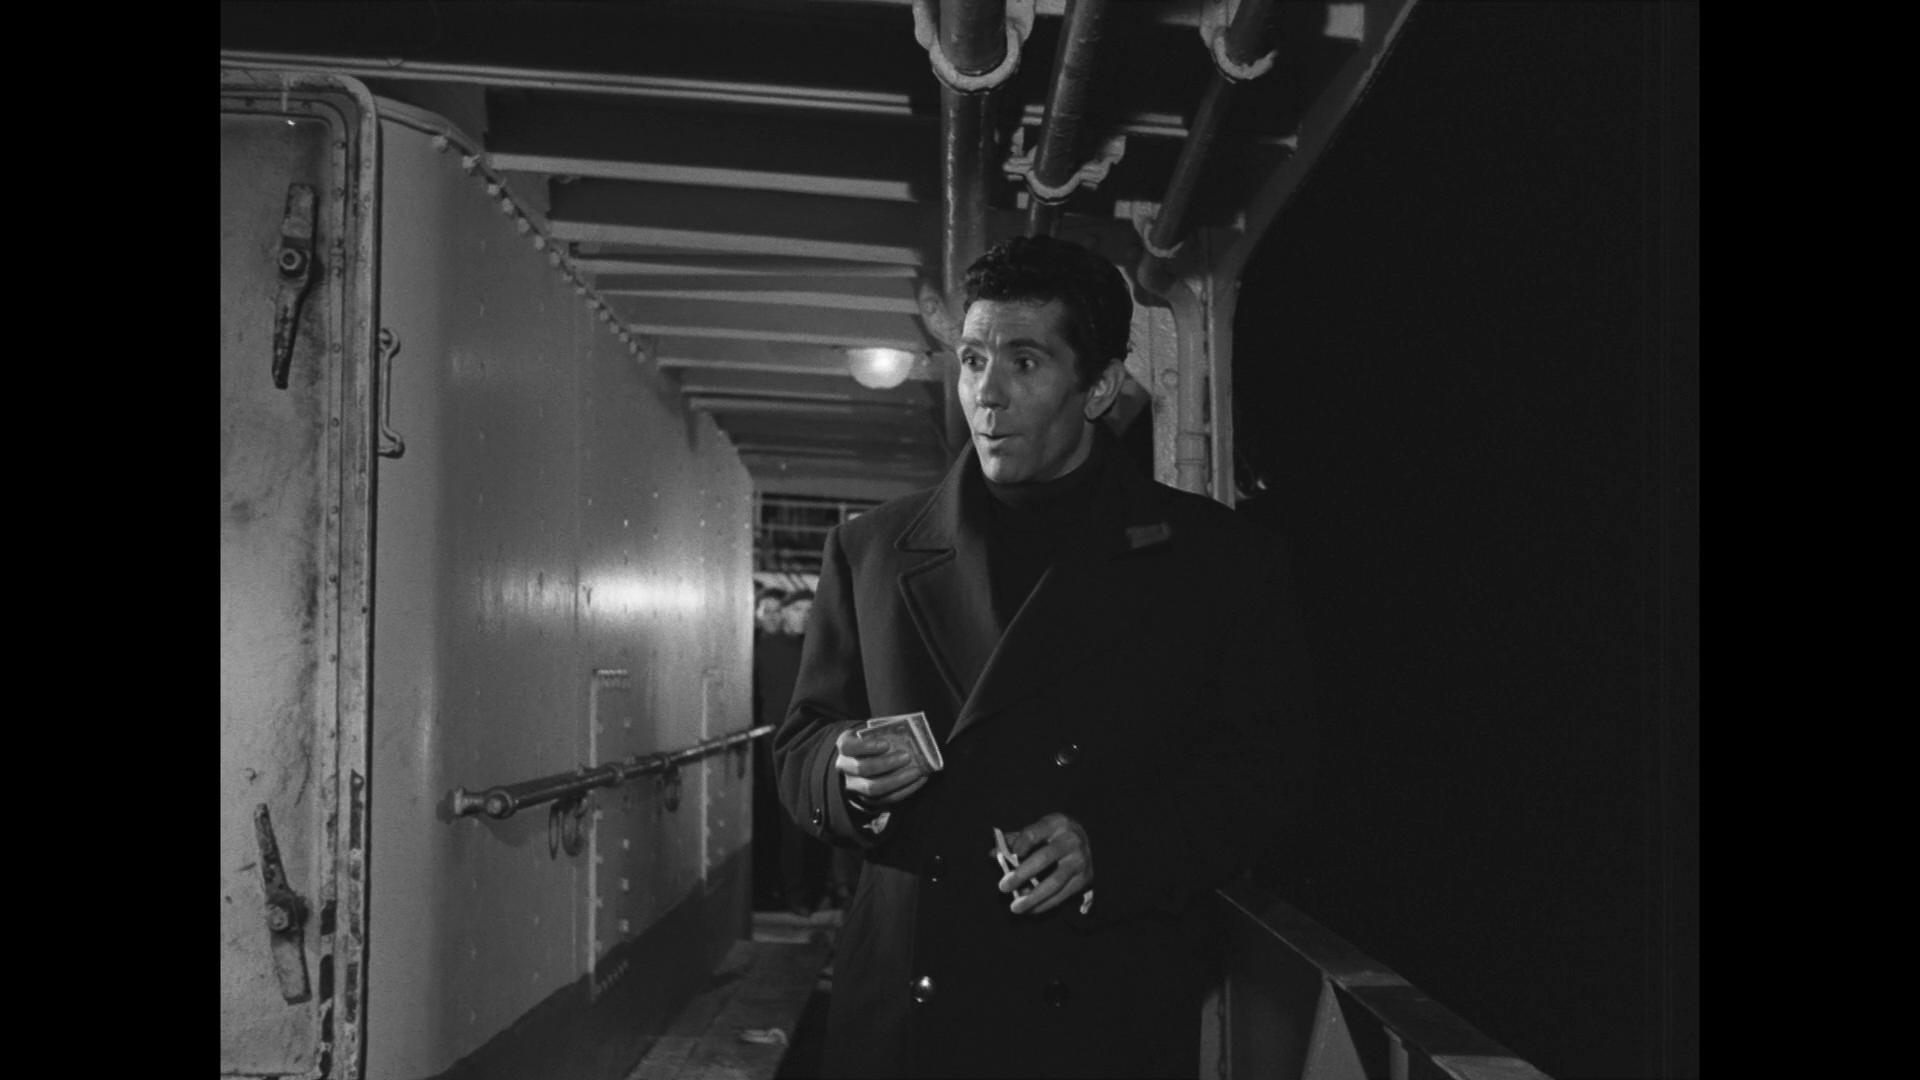 José Guardiola dans Malinconico autunno (1958) de Raffaello Matarazzo